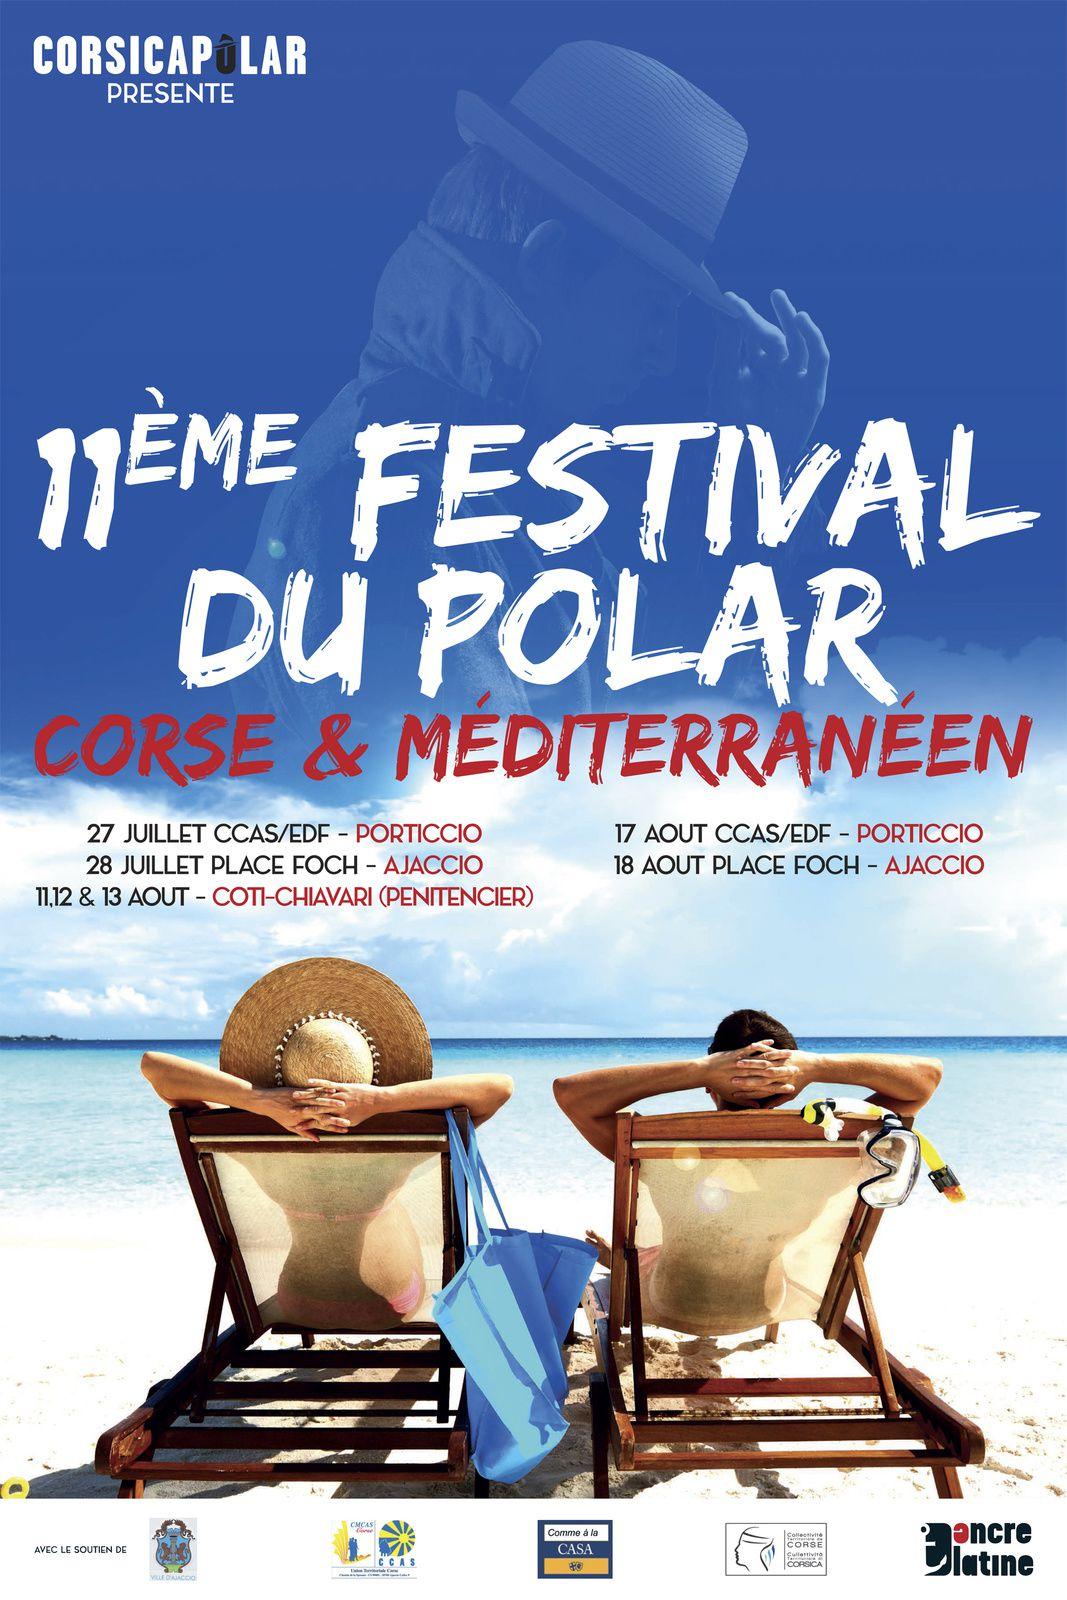 11-18 août,  11ème Festival du Polar Corse et Méditerranéen #2